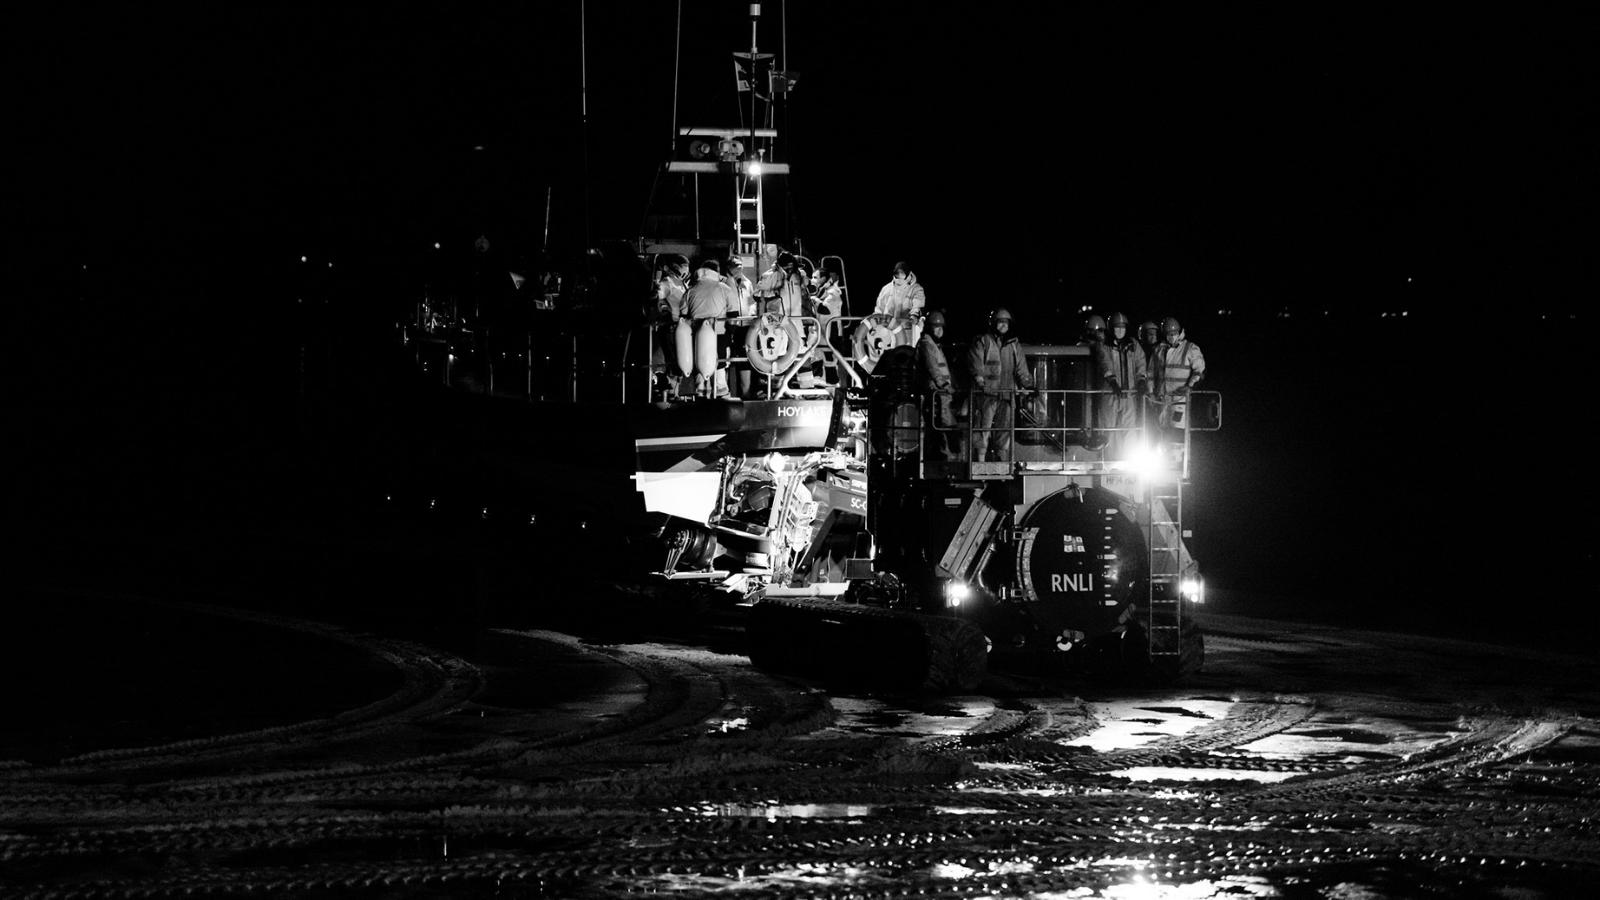 Hoylake lifeboat featured image. Photo: David Edwards